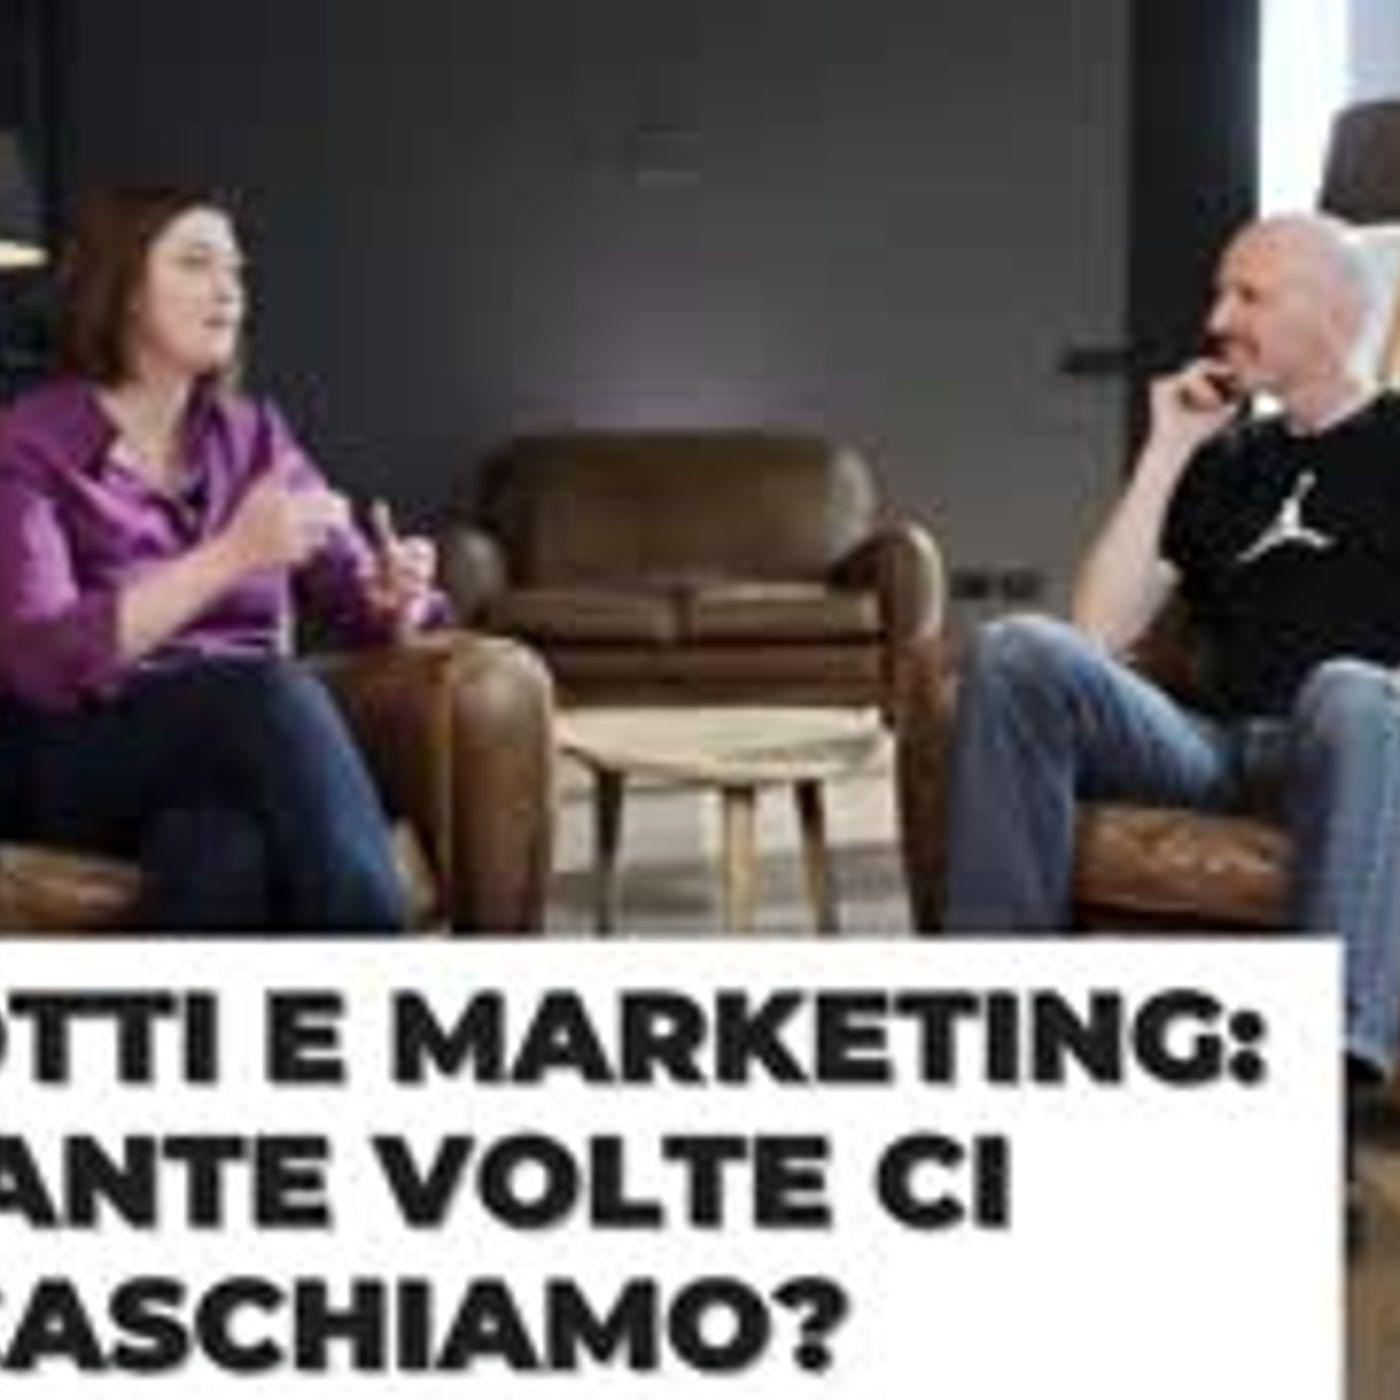 Prodotti e marketing: quante volte ci caschiamo? Ne avevo parlato con Beatrice Mautino